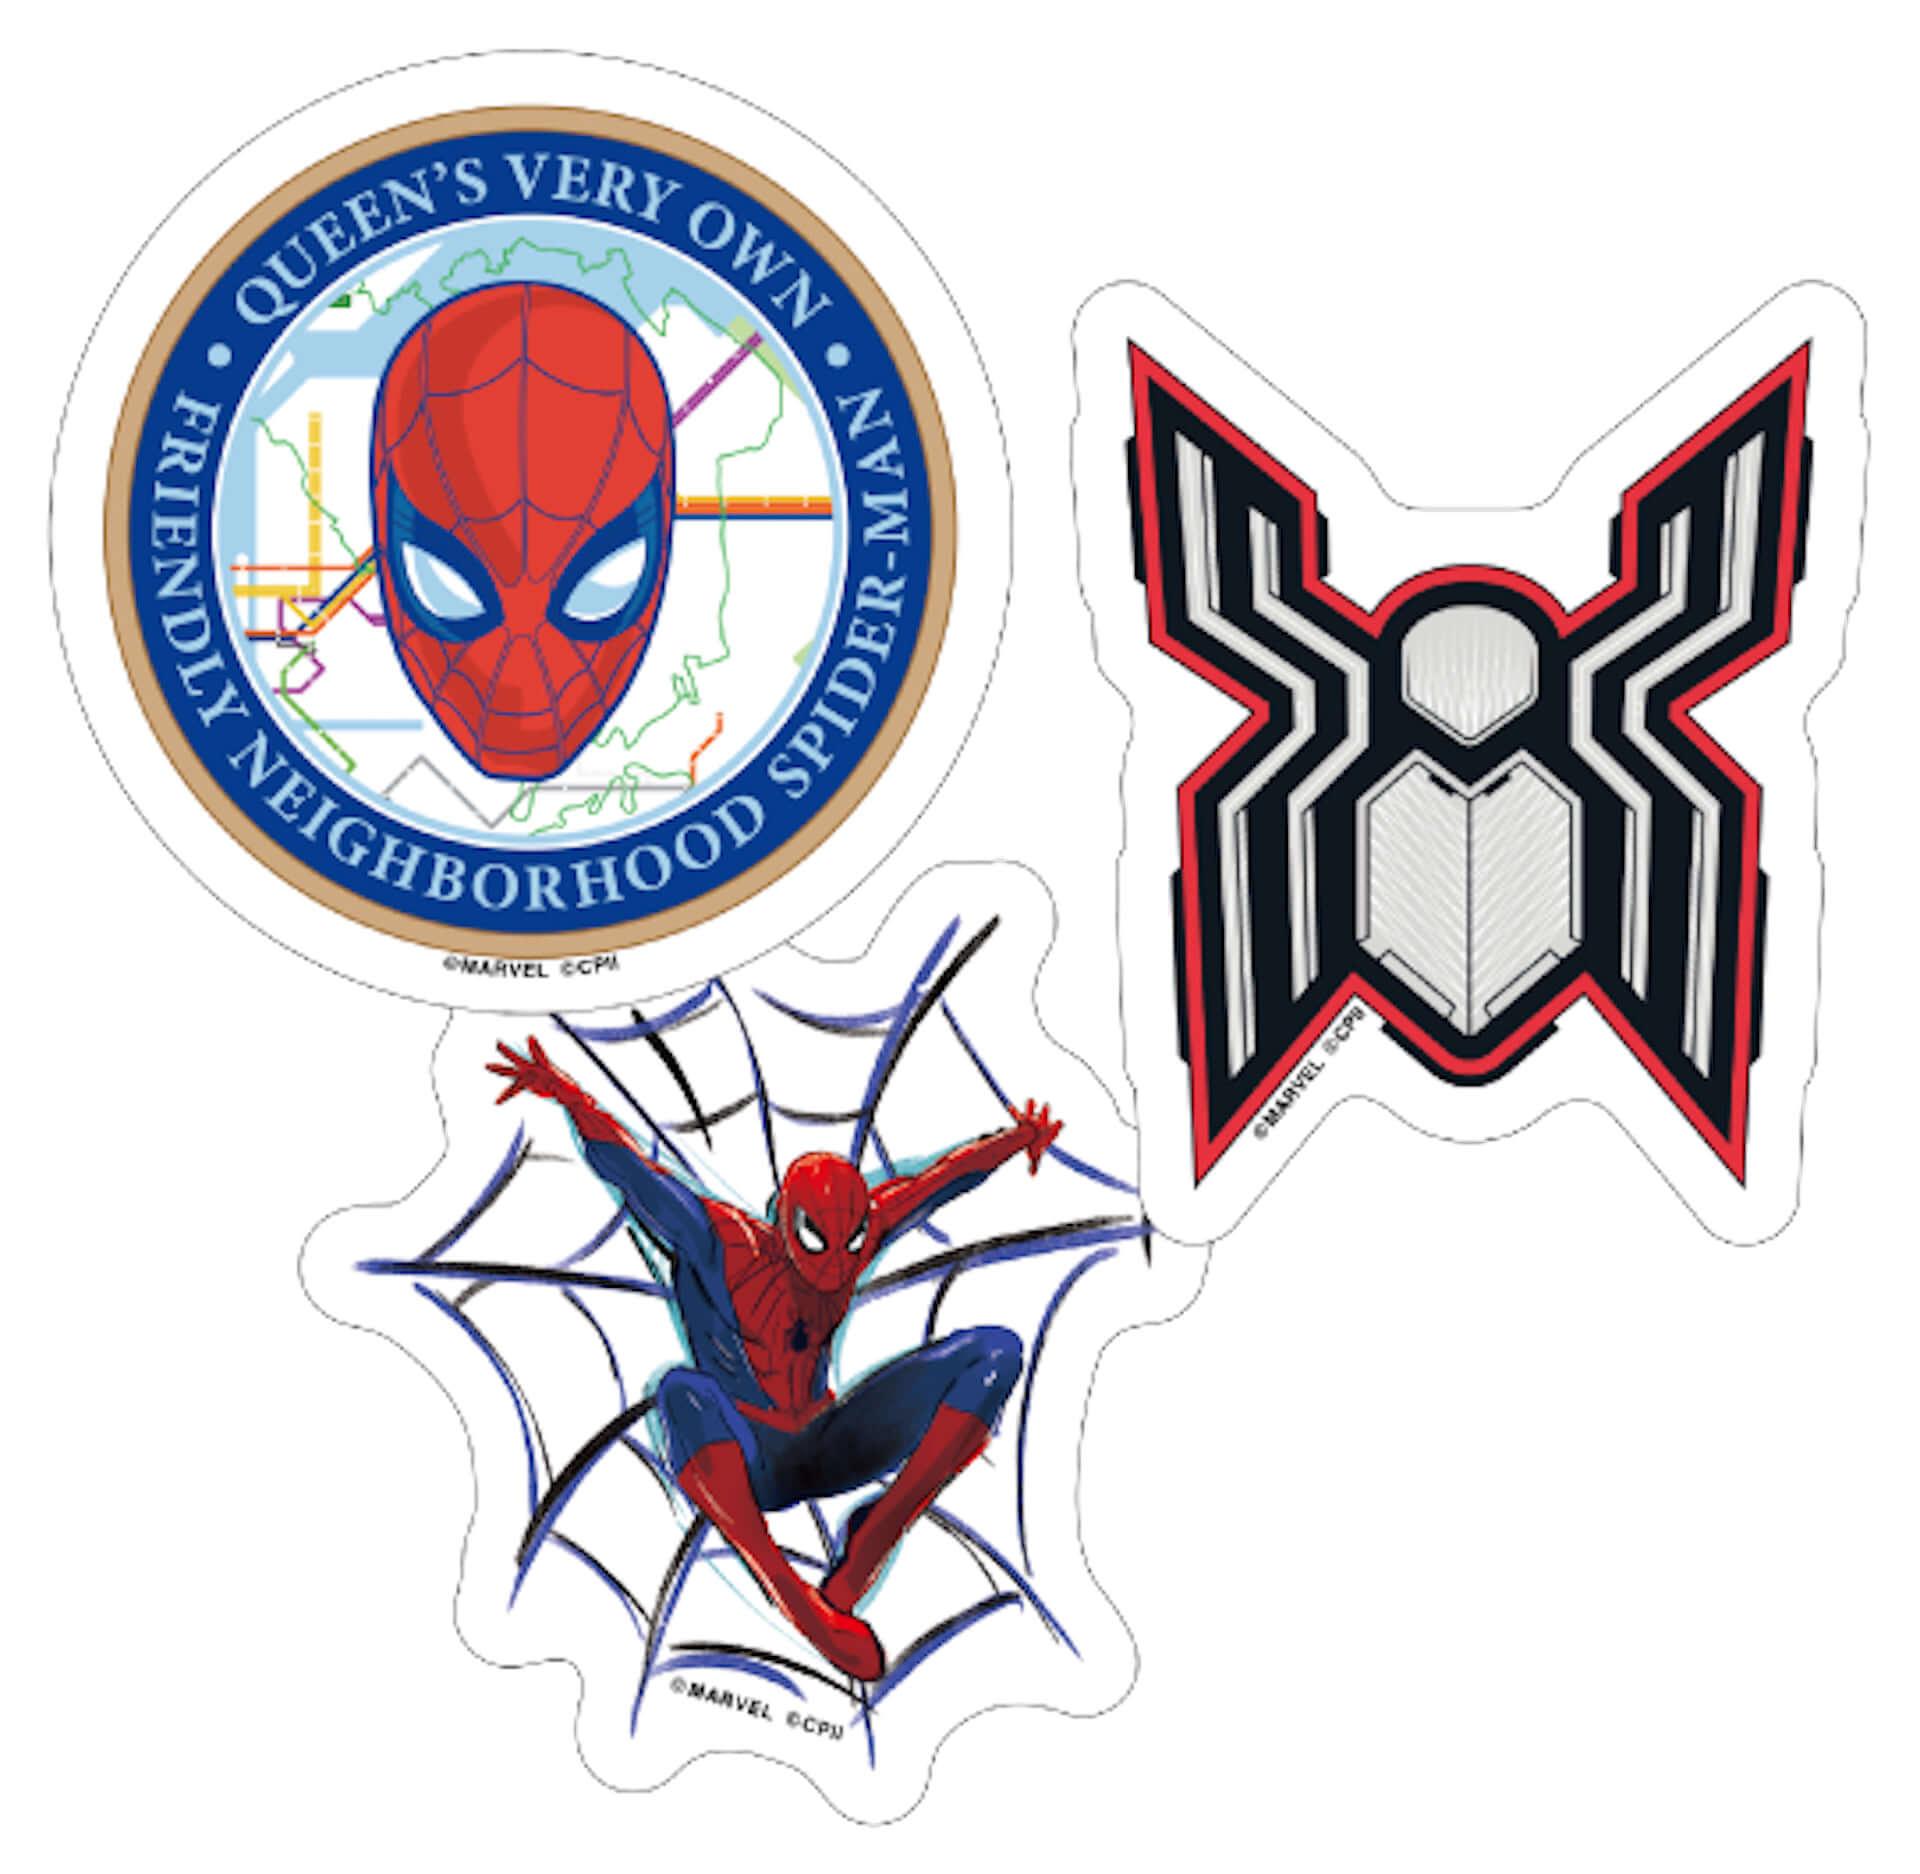 映画「スパイダーマン」最新作の超レアグッズが当たる!Happyくじ『スパイダーマン:ファー・フロム・ホーム』登場 art190628_spiderman_lot_13-1920x1874